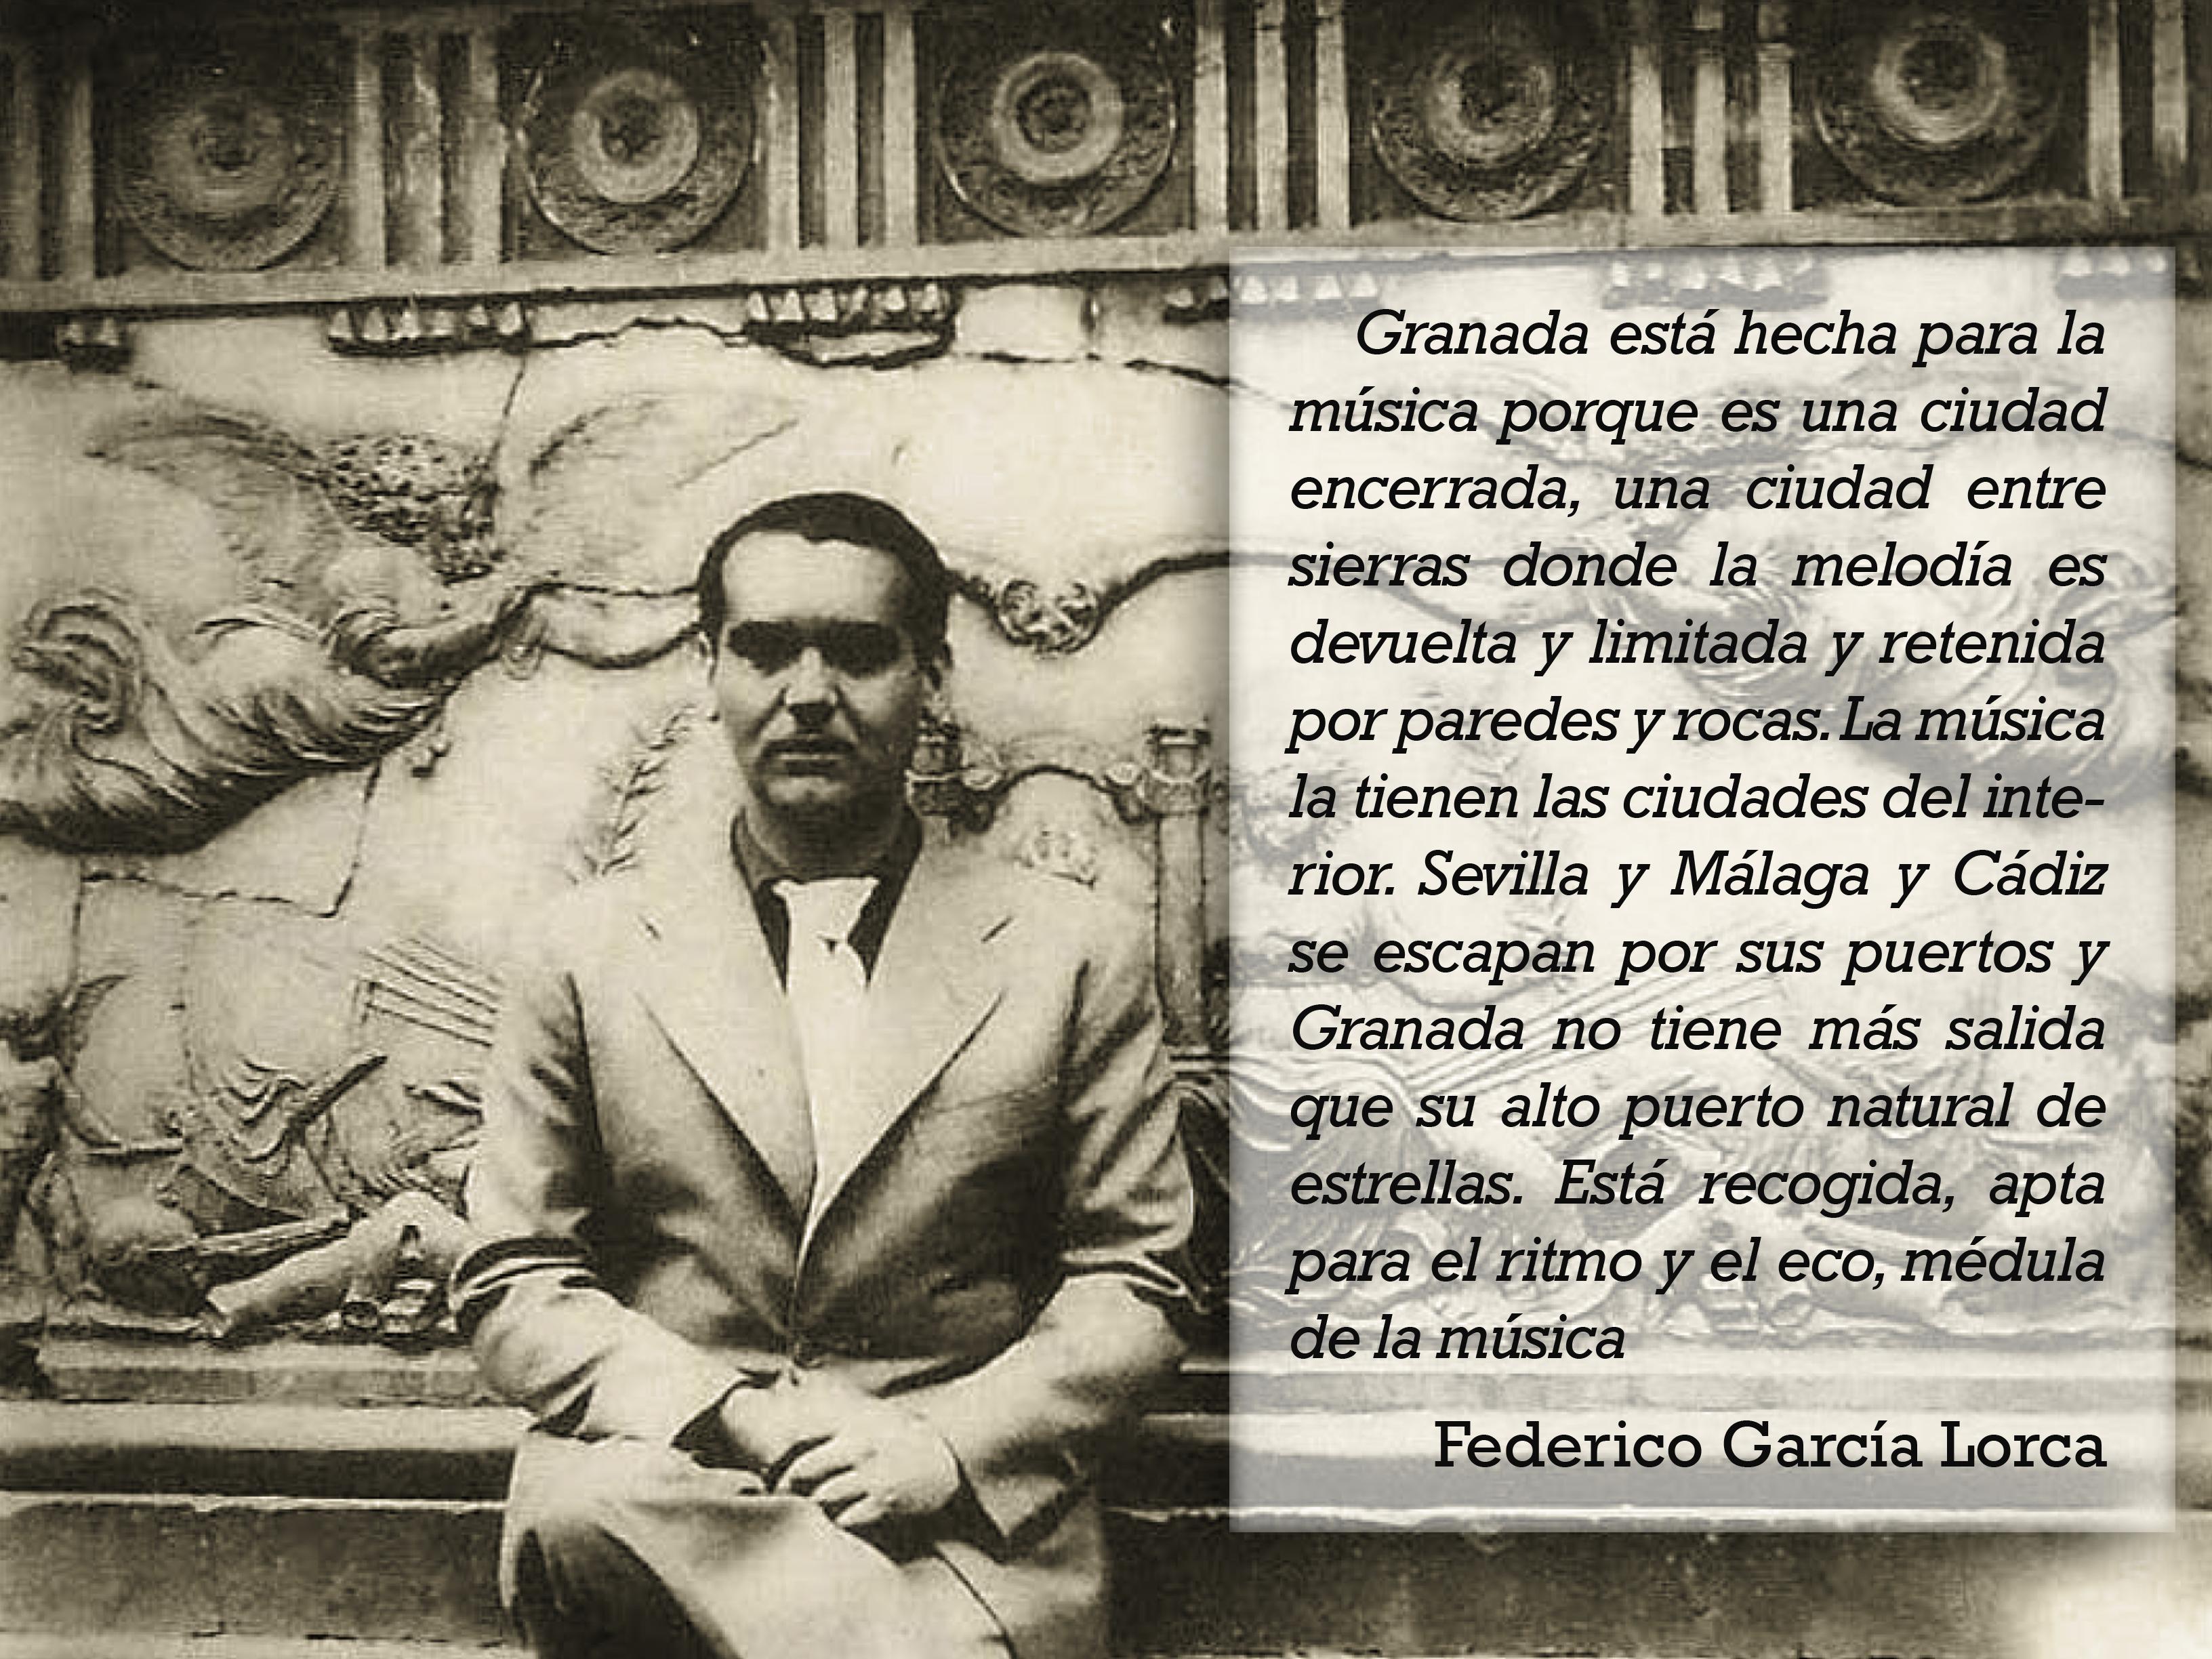 Granada Está Hecha Para La Música Porque Es Una Ciudad Encerrada Una Ciudad Entre Sierras Donde La Melodía Es Devuelta Y Limitada Y Retenida Por Paredes Y Roc